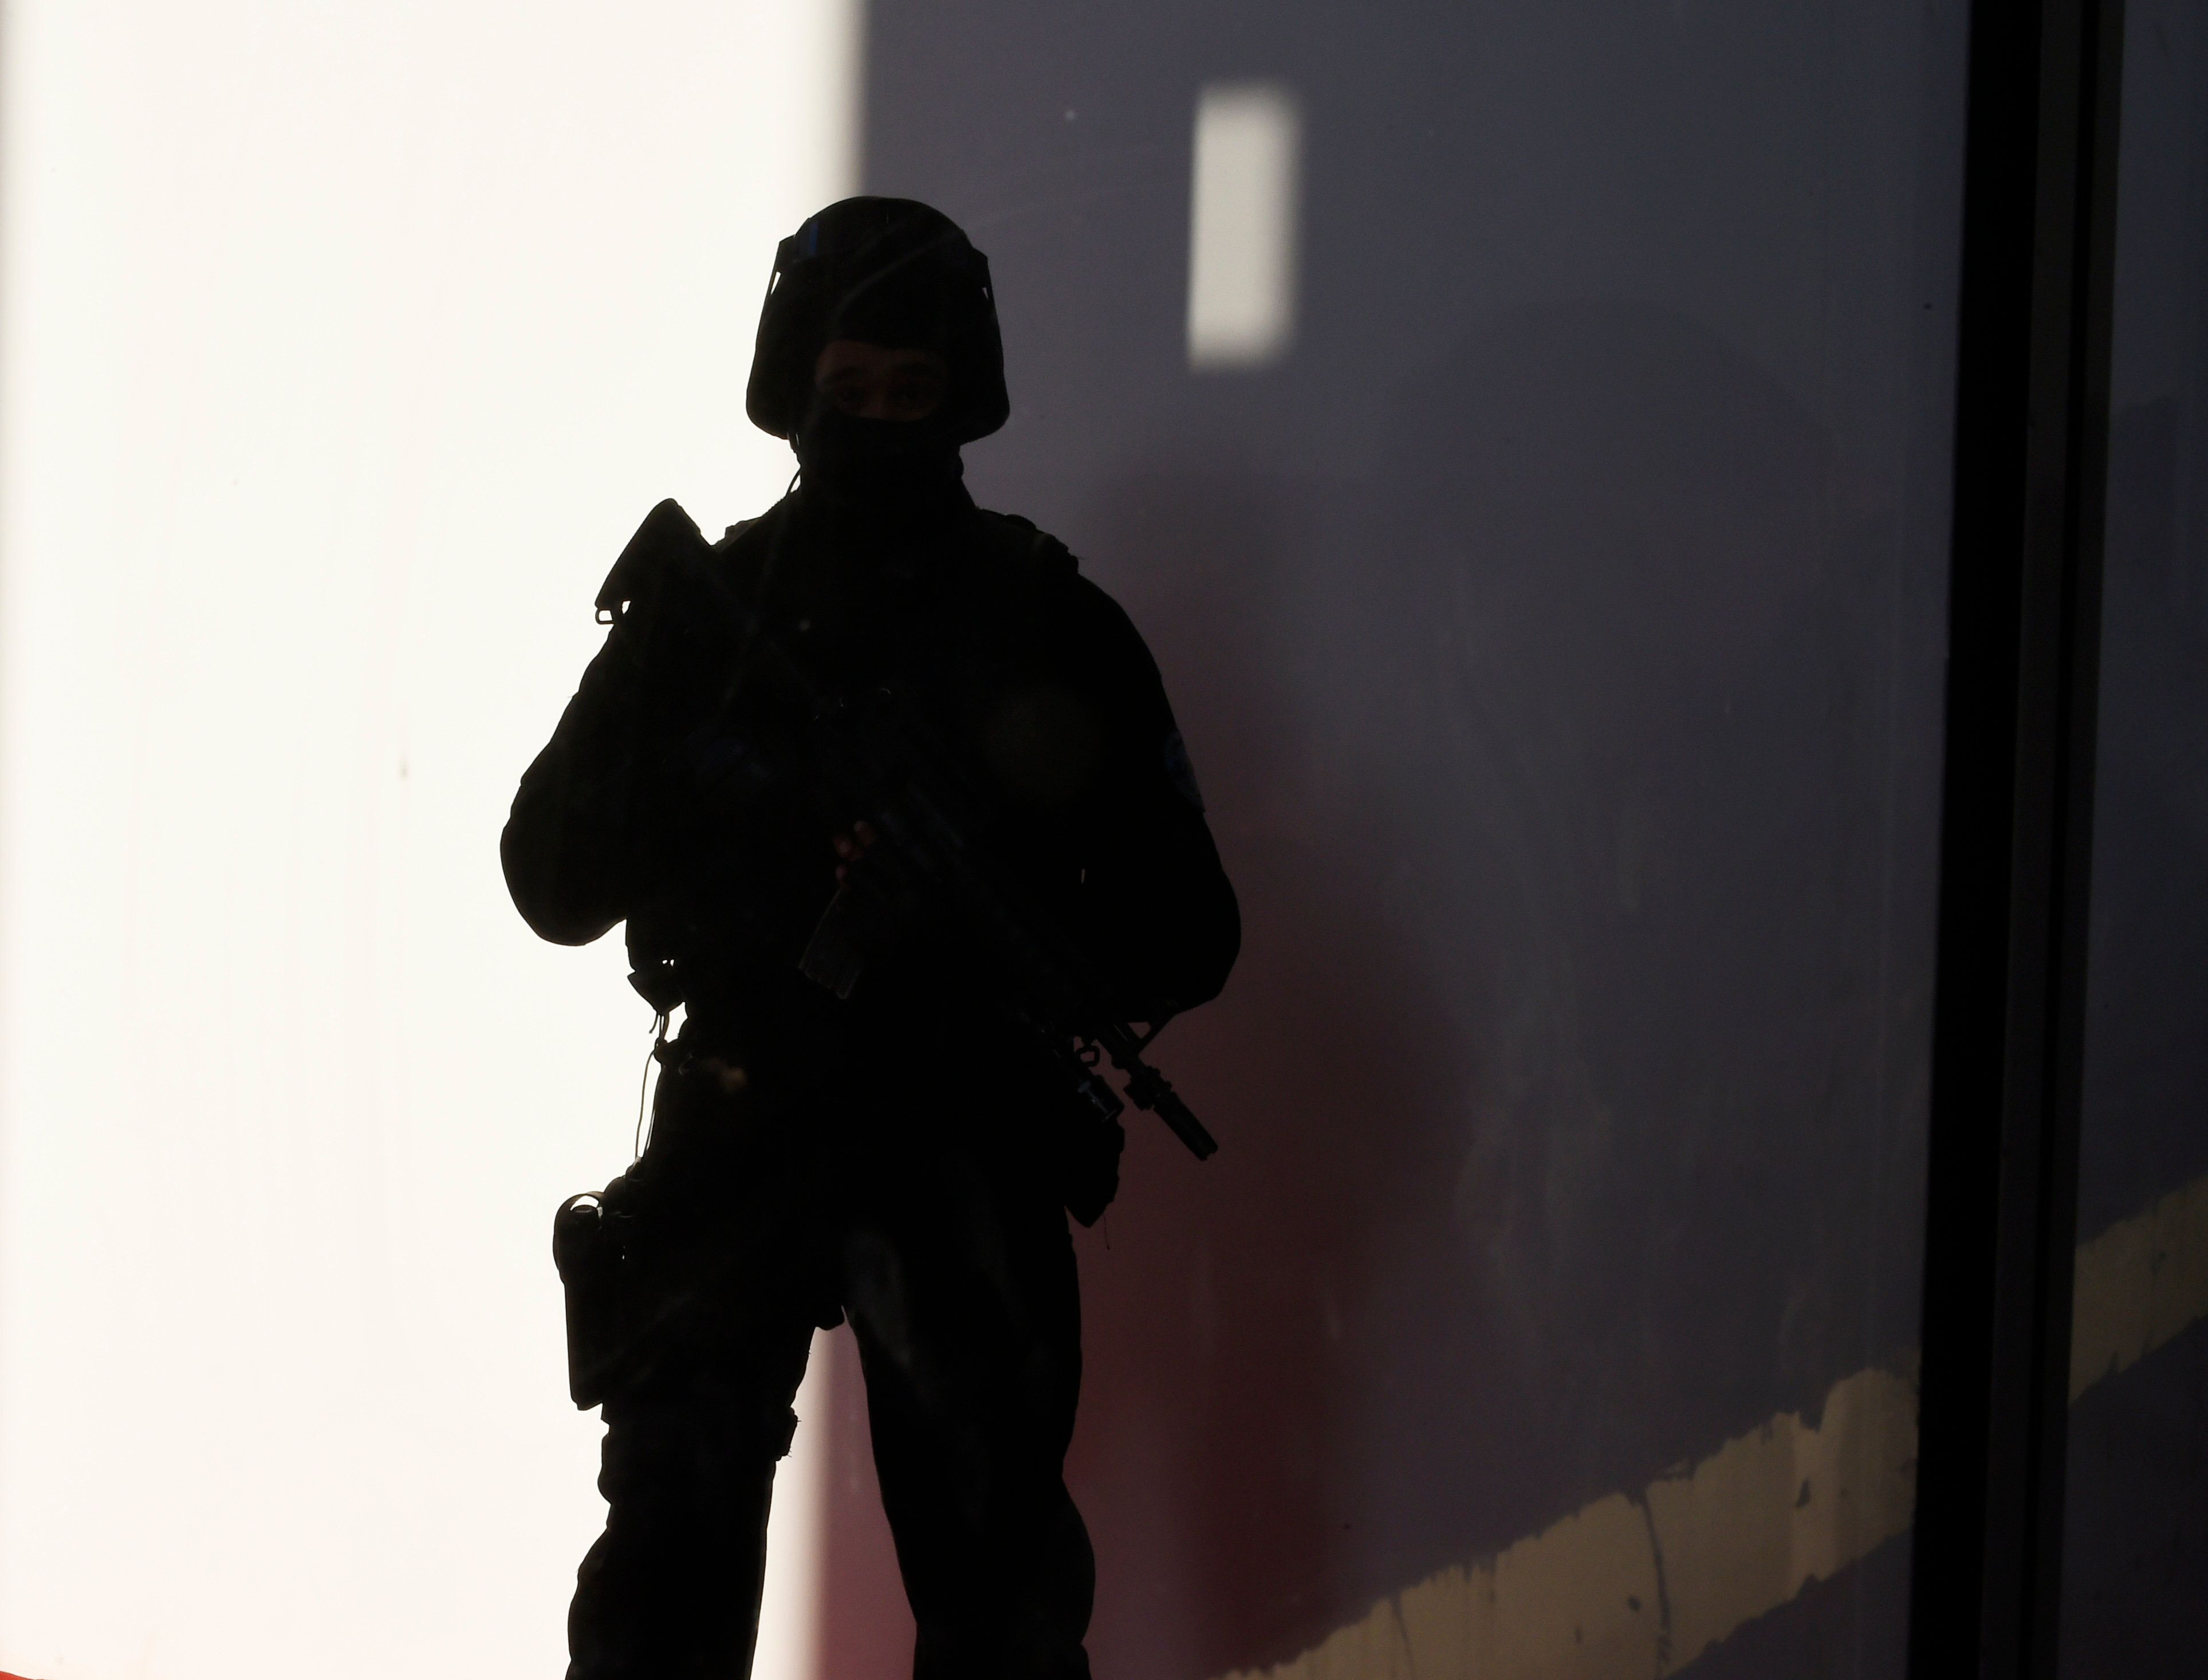 Le gouvernement souhaite amender la loi relative à la lutte contre le terrorisme et le blanchiment